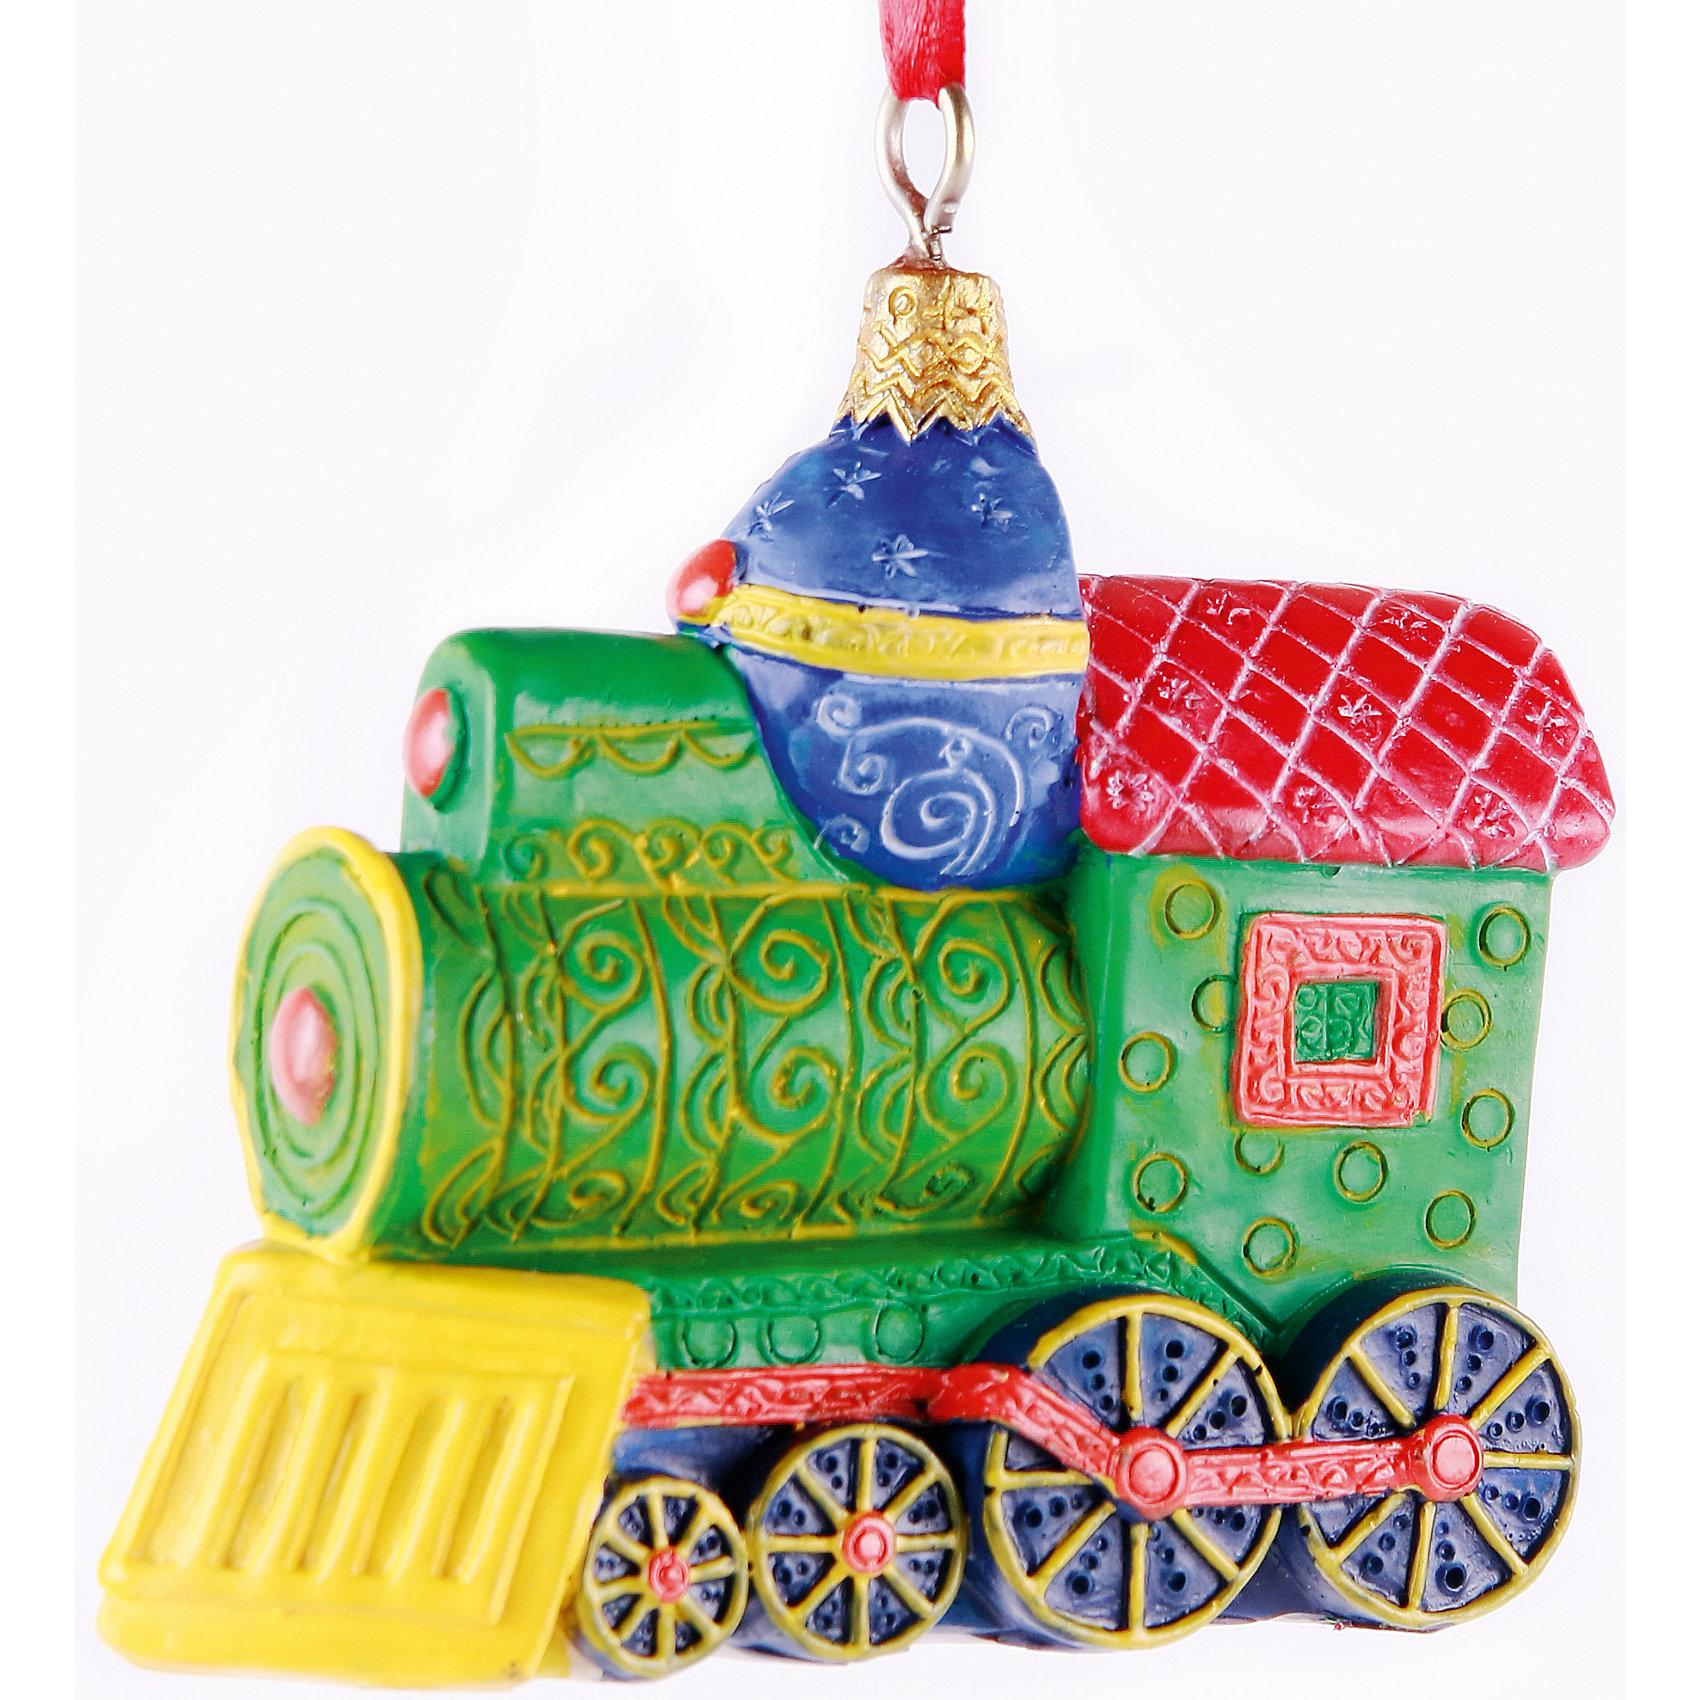 Подвесное украшение Маленький паровозикВсё для праздника<br>Характеристики товара:<br><br>• цвет: разноцветный<br>• материал: полирезина<br>• размер: 7,8 х 3,2 х 7,5 см<br>• комплектация: 1 шт<br>• подарочная модель<br>• с подвесом<br>• страна изготовитель: Китай<br><br>Новогодний праздник невозможен без ёлочных украшений. Этот паровозик от бренда Феникс-Презент станет отличным подарком близким, друзьям или сотрудникам и украсит помещение в новогодние дни! Он отлично смотрится на ёлке и в интерьере.<br>Такие небольшие детали и создают полную праздничную картину наравне с <br>ёлкой и мишурой! Этот паровозик будет создавать праздничное настроение не один год! Изделие производится из качественных и проверенных материалов, которые безопасны для детей.<br><br>Подвесное украшение Маленький паровозик от бренда Феникс-Презент можно купить в нашем интернет-магазине.<br><br>Ширина мм: 78<br>Глубина мм: 32<br>Высота мм: 75<br>Вес г: 90<br>Возраст от месяцев: 60<br>Возраст до месяцев: 600<br>Пол: Унисекс<br>Возраст: Детский<br>SKU: 5144712